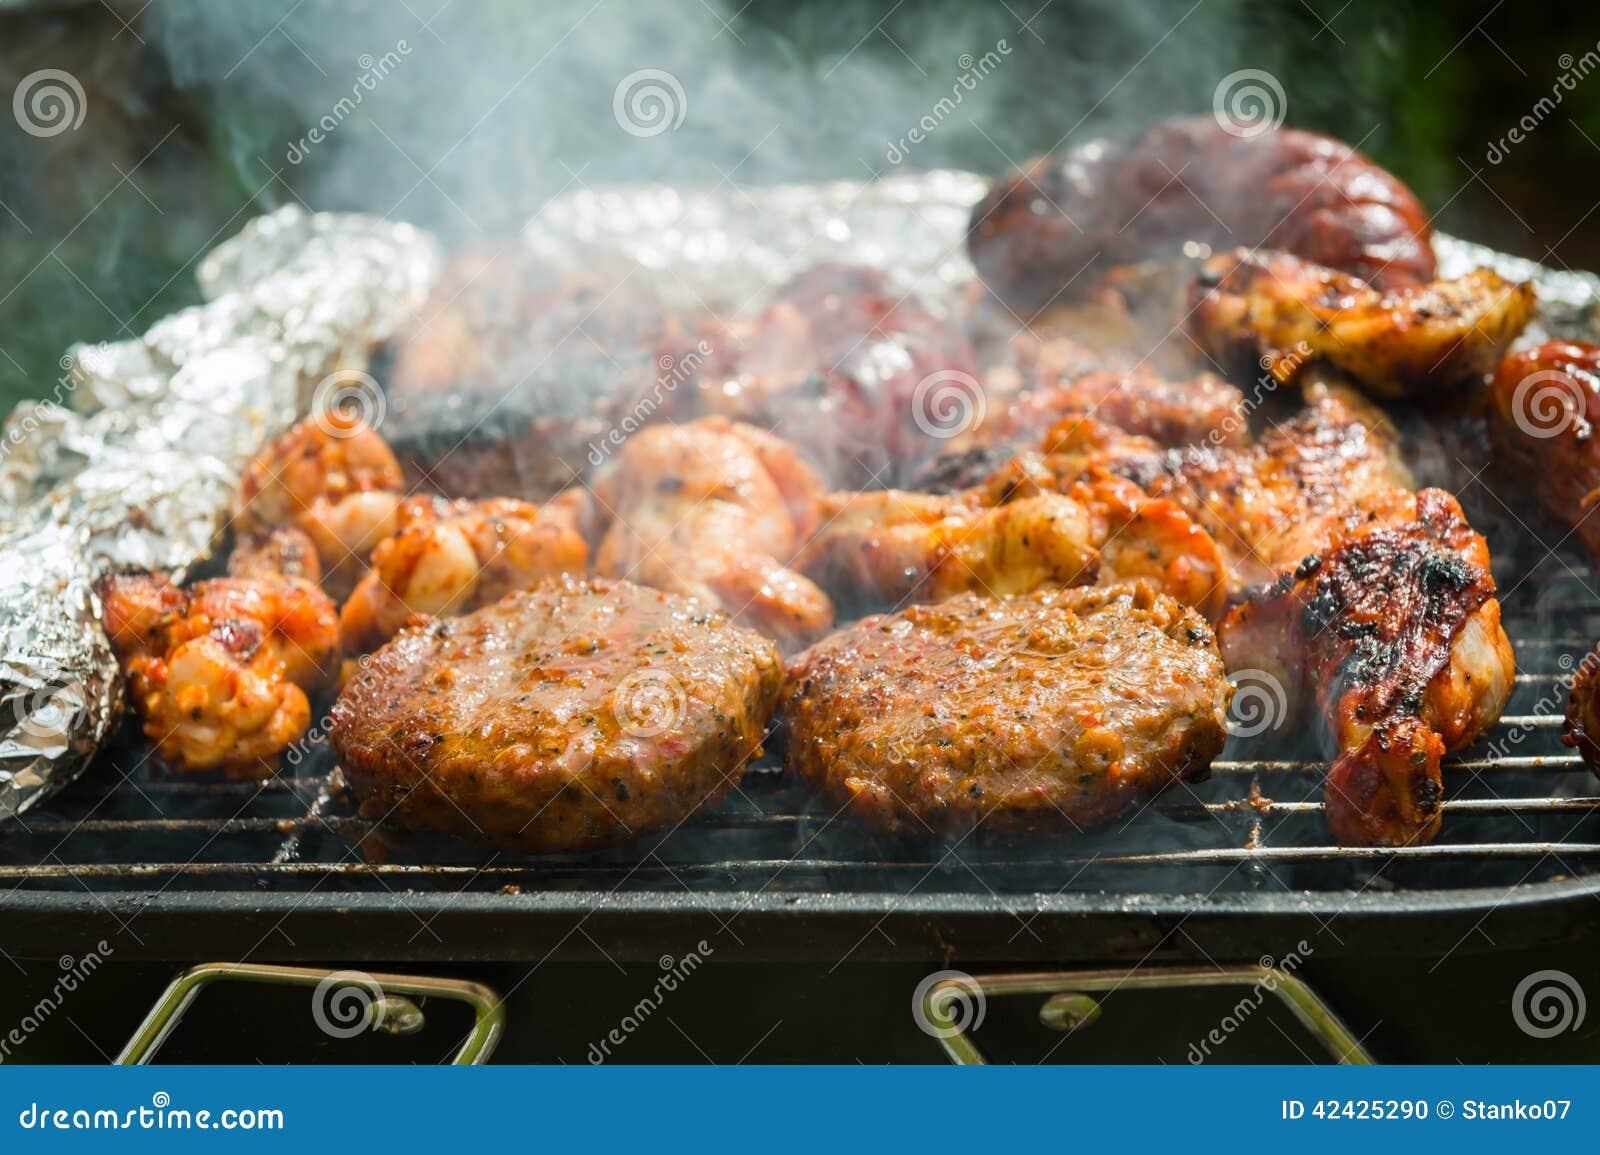 Hamburguesas asadas a la parilla